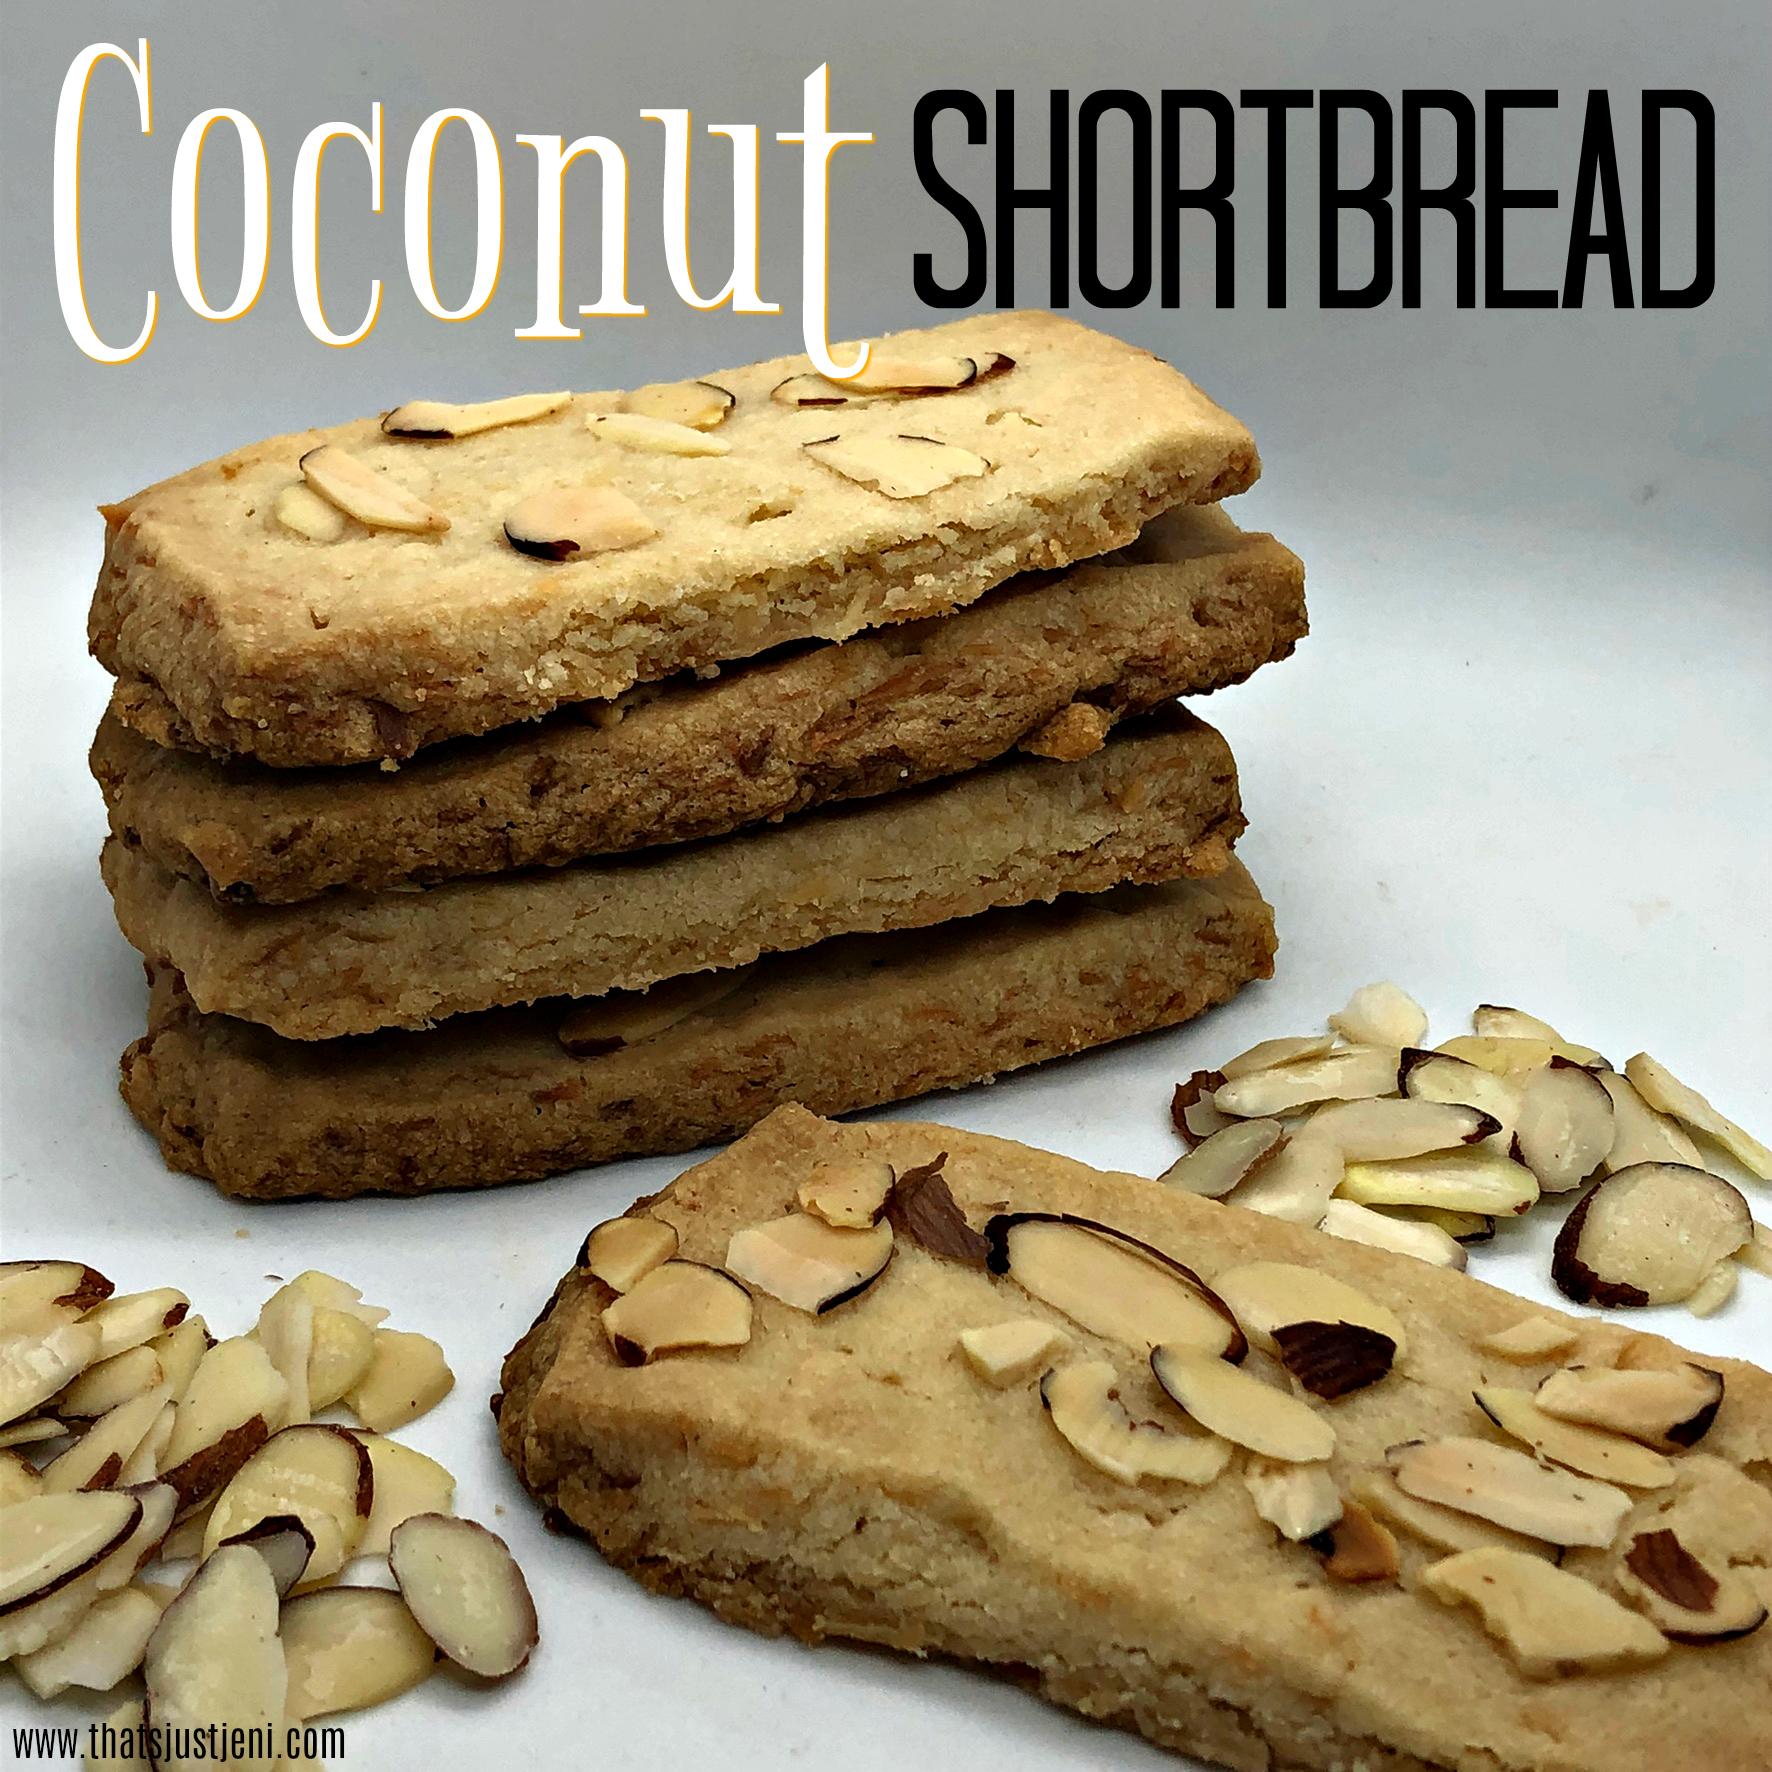 Coconut Shortbread